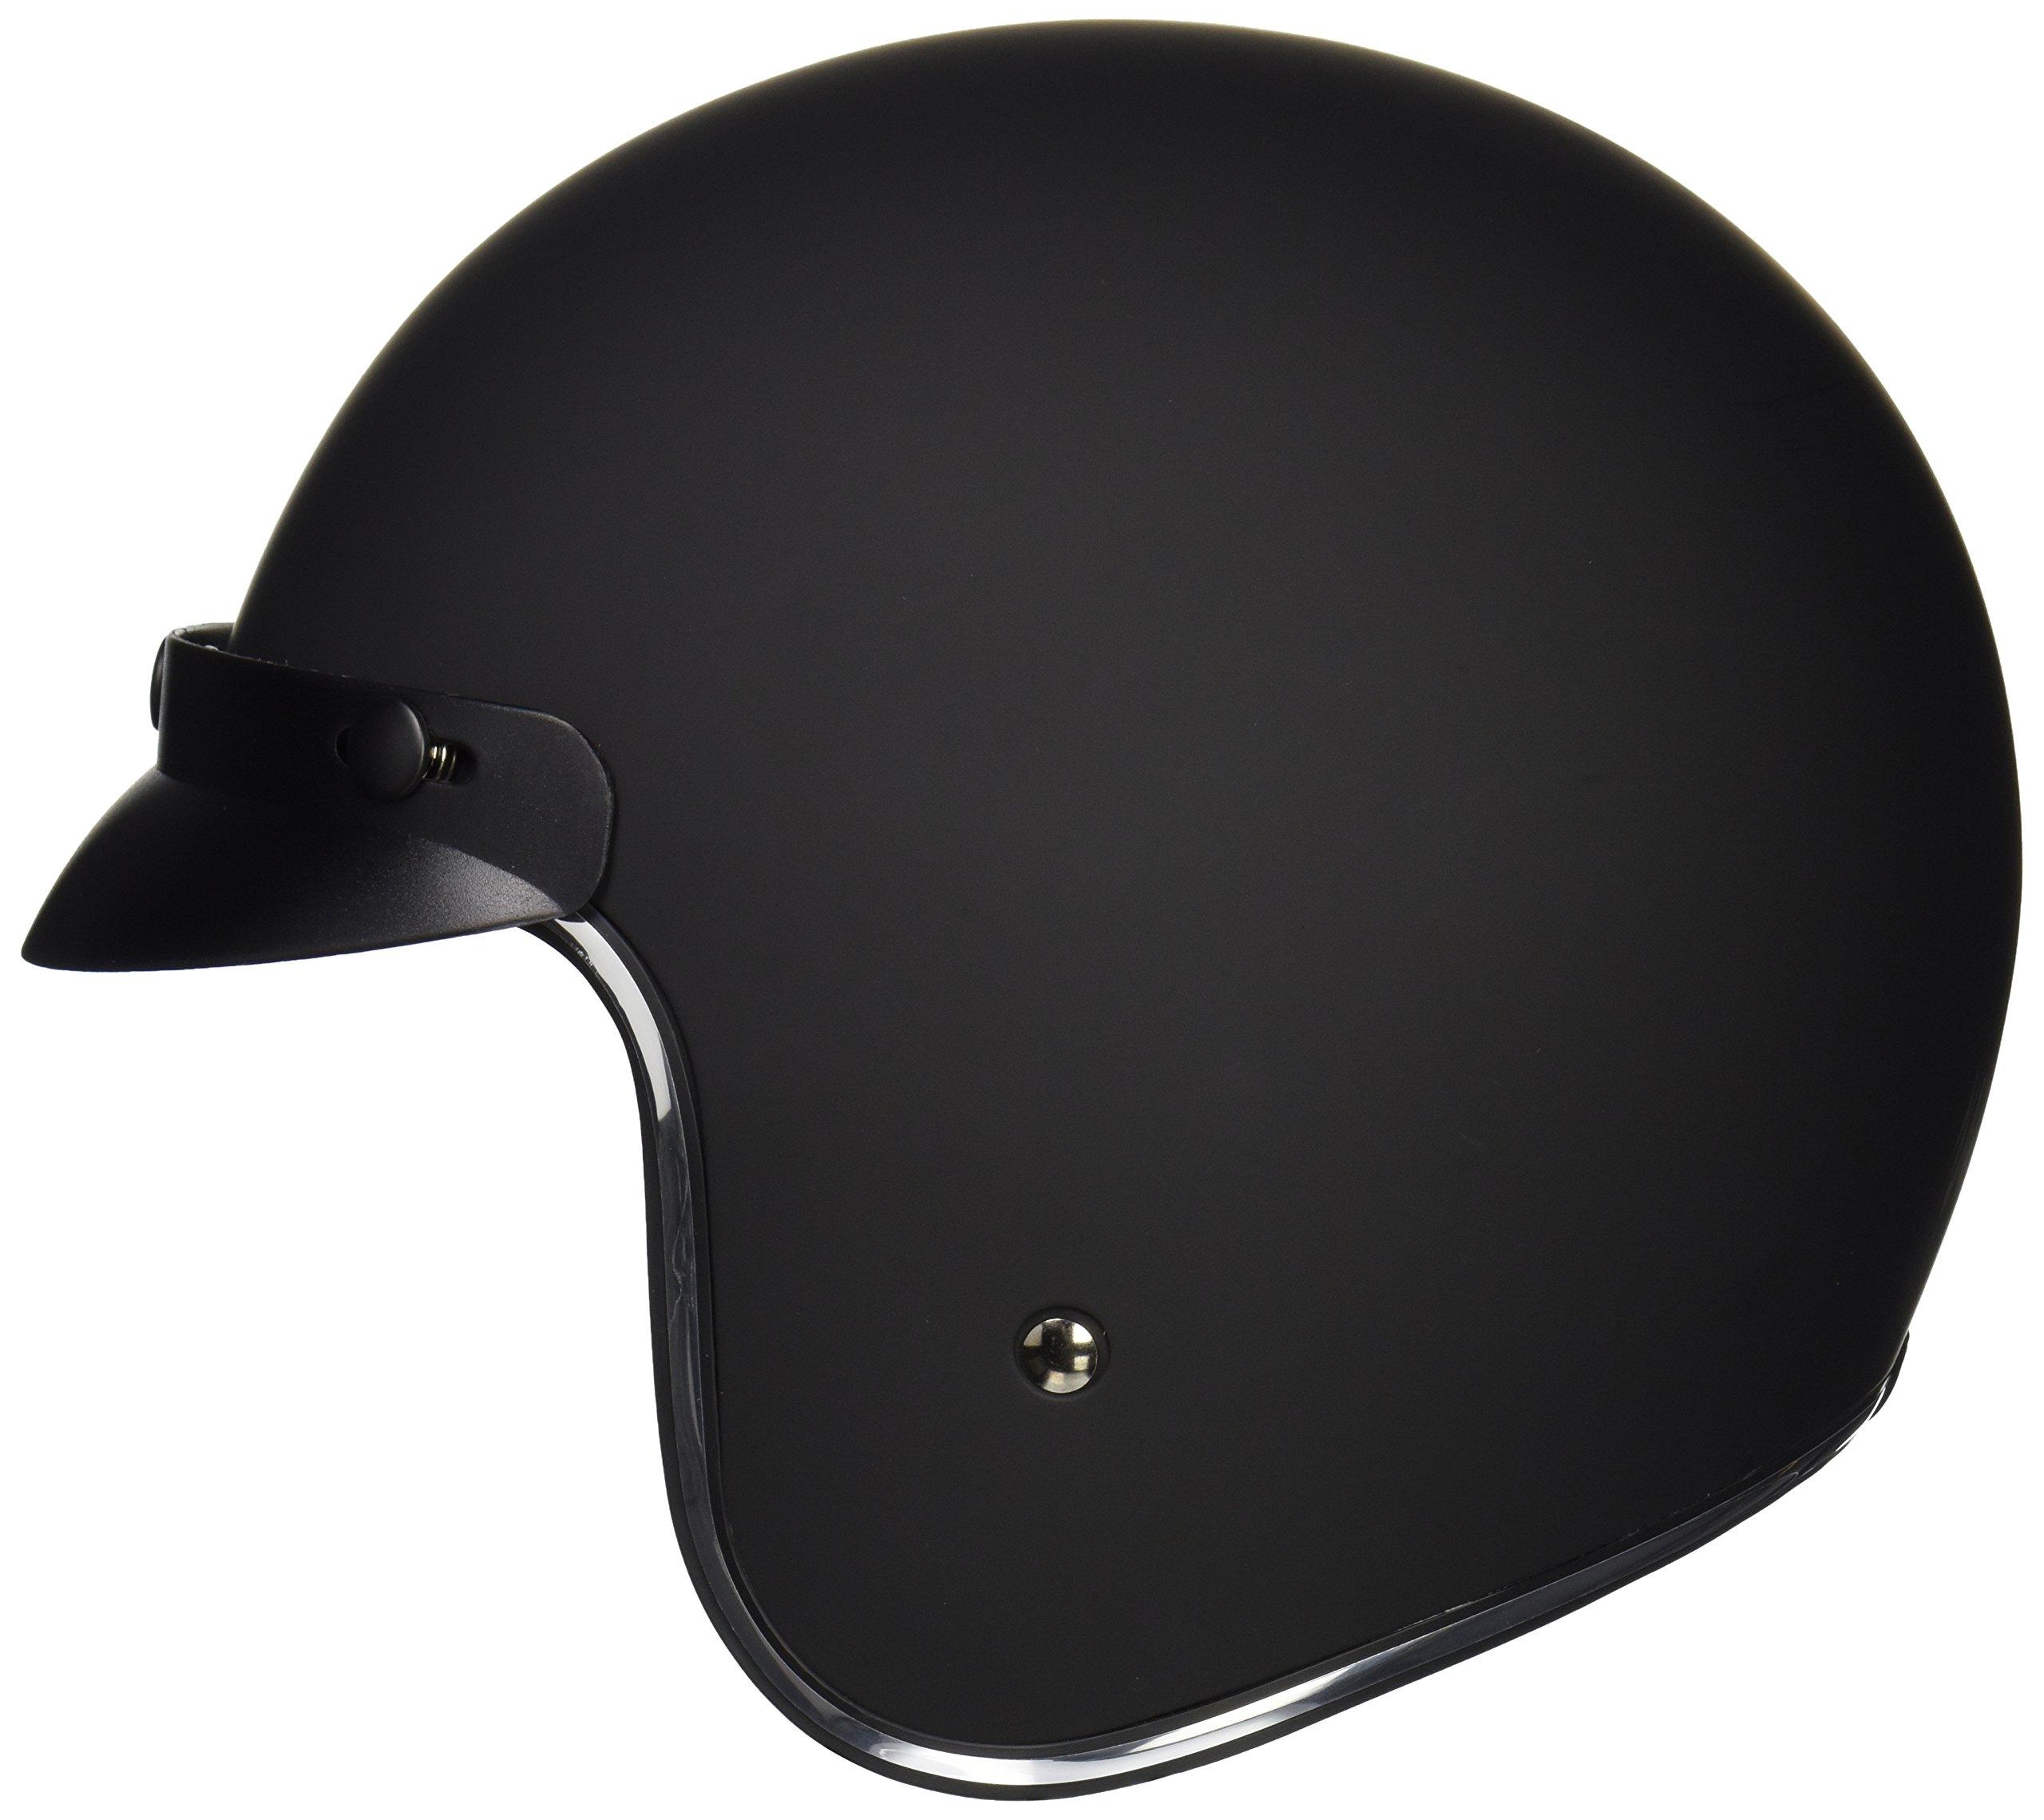 Vega Helmets X380 Vintage Motorcycle Helmet for Men /& Women Matte Black, X-Small Classic Retro Open Face Design Lightweight DOT Certified for Motorbike Cruiser Moped Scooter ATV